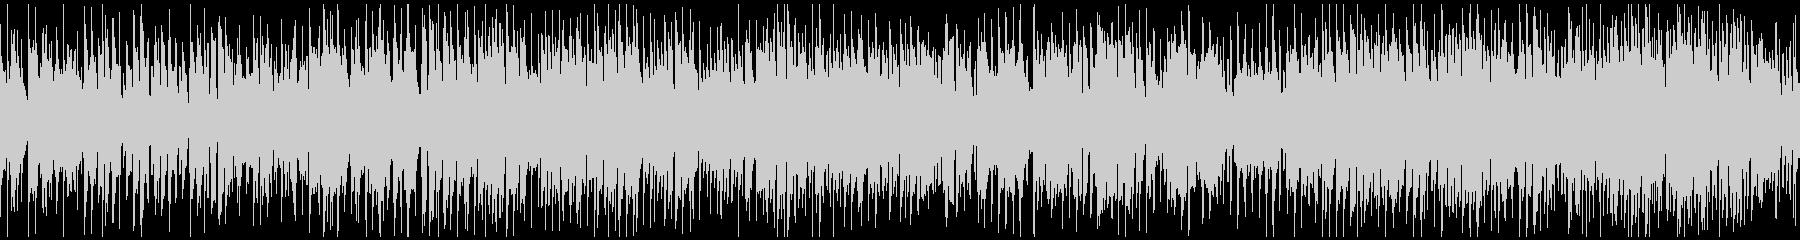 ファンキーなクラブジャズ ※ループ仕様版の未再生の波形